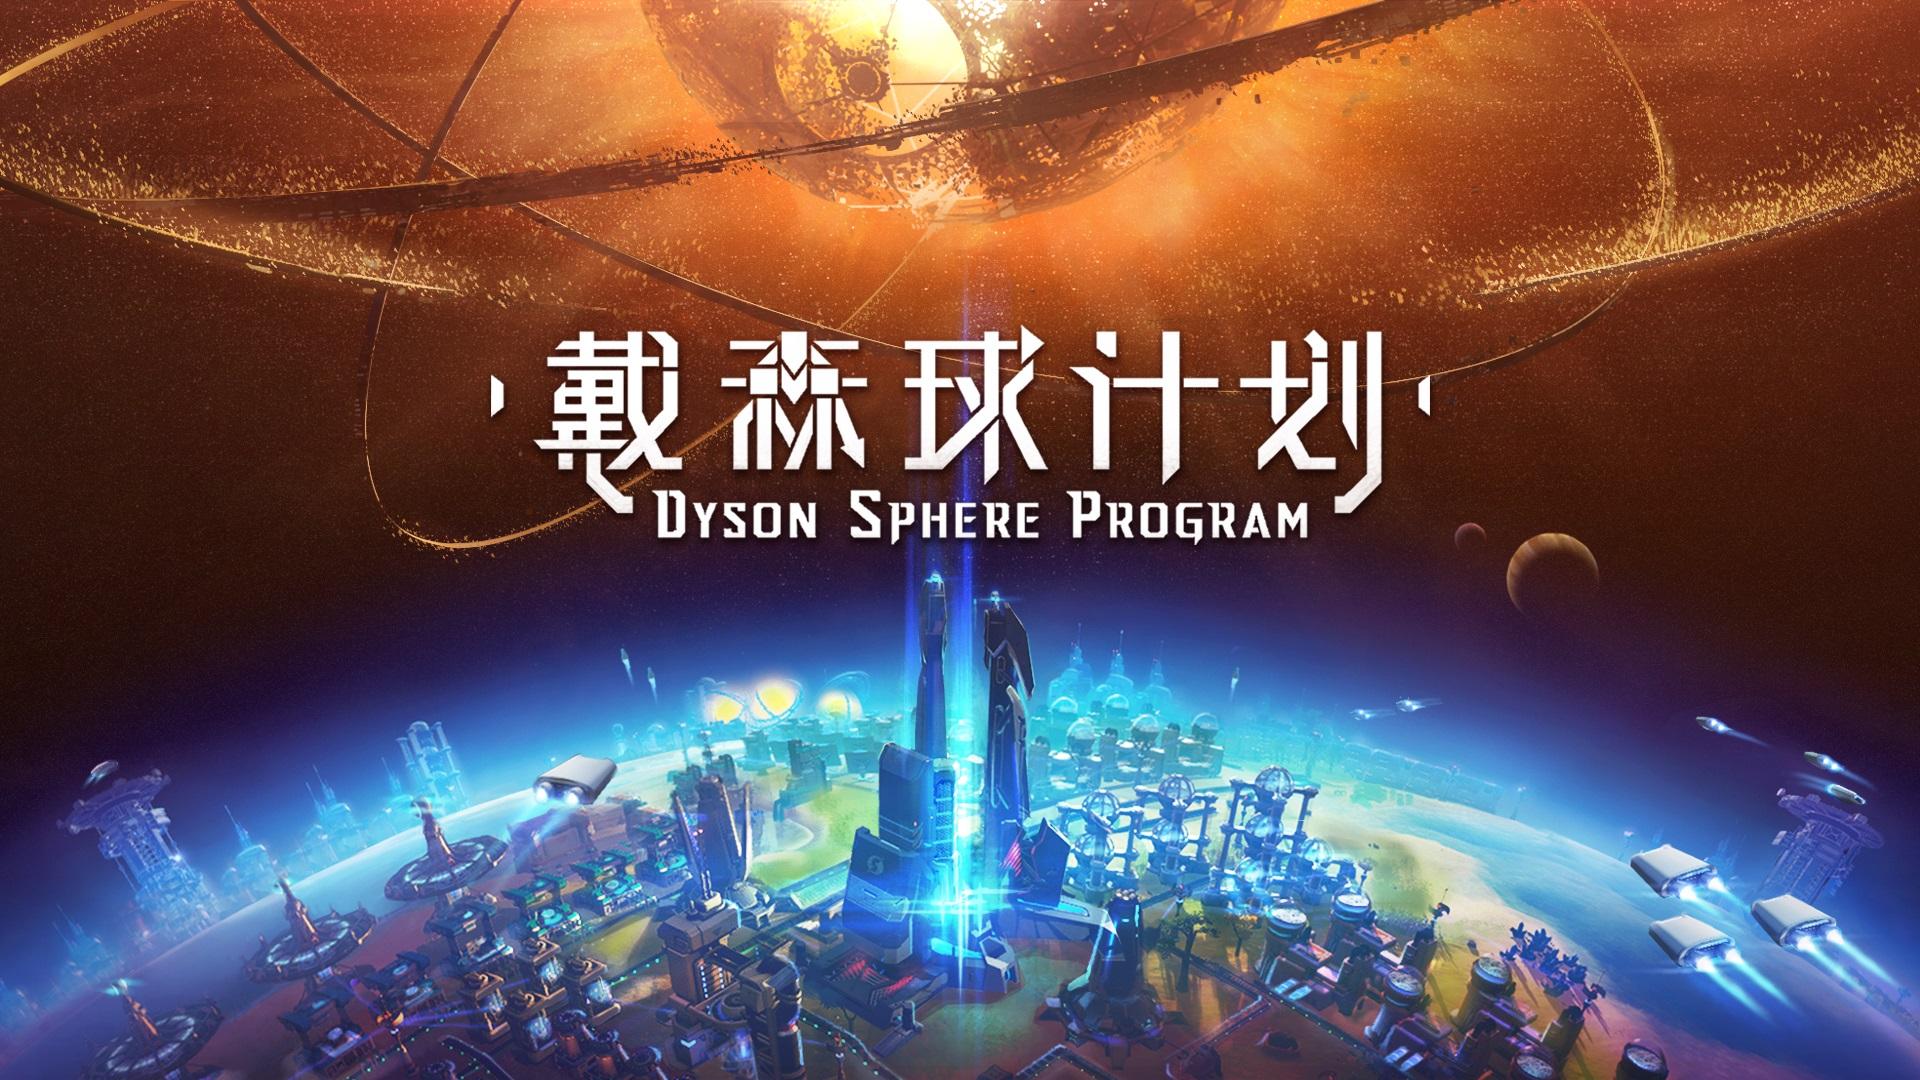 国产科幻游戏《戴森球计划》公布10分钟实机演示 2021年Q1发售